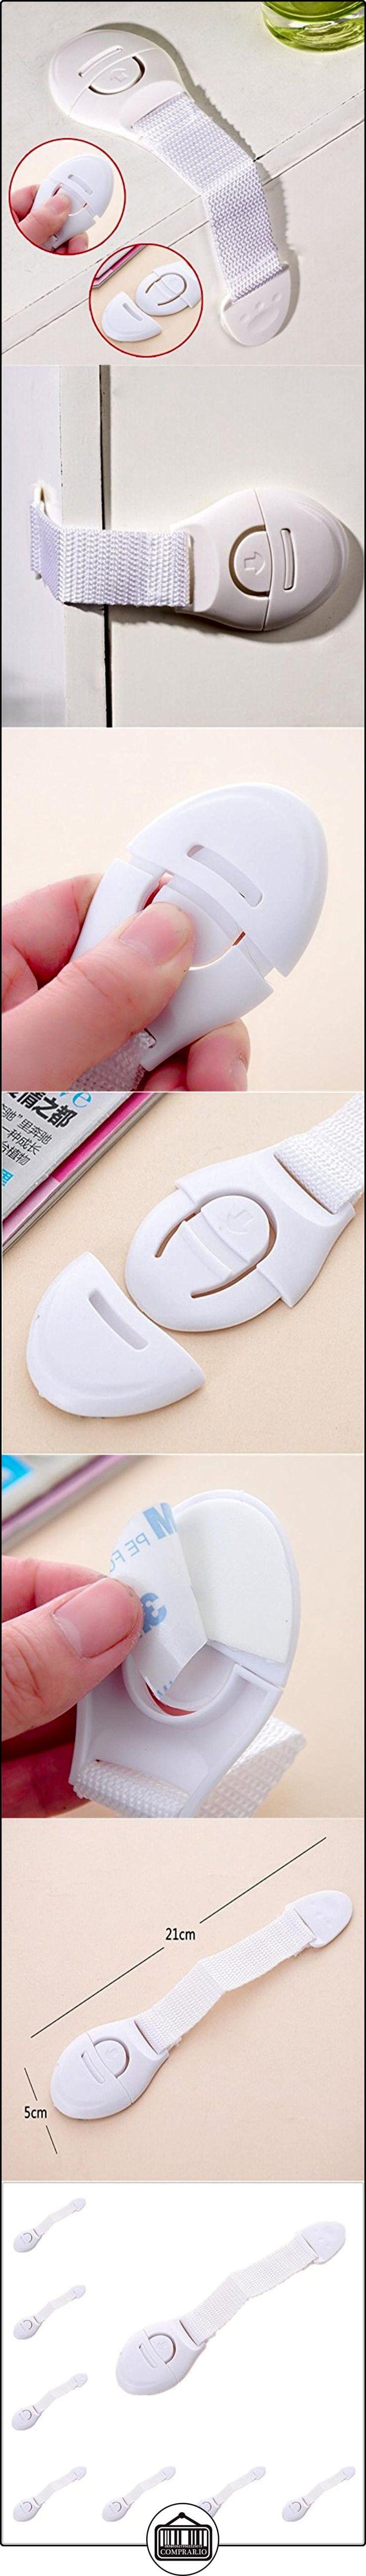 SMARTLADY Cerradura Seguridad Protector para Puerta de gabinete Frigorífico de cajones para bebé Niños( 10pcs )  ✿ Seguridad para tu bebé - (Protege a tus hijos) ✿ ▬► Ver oferta: http://comprar.io/goto/B01NCWTWSZ